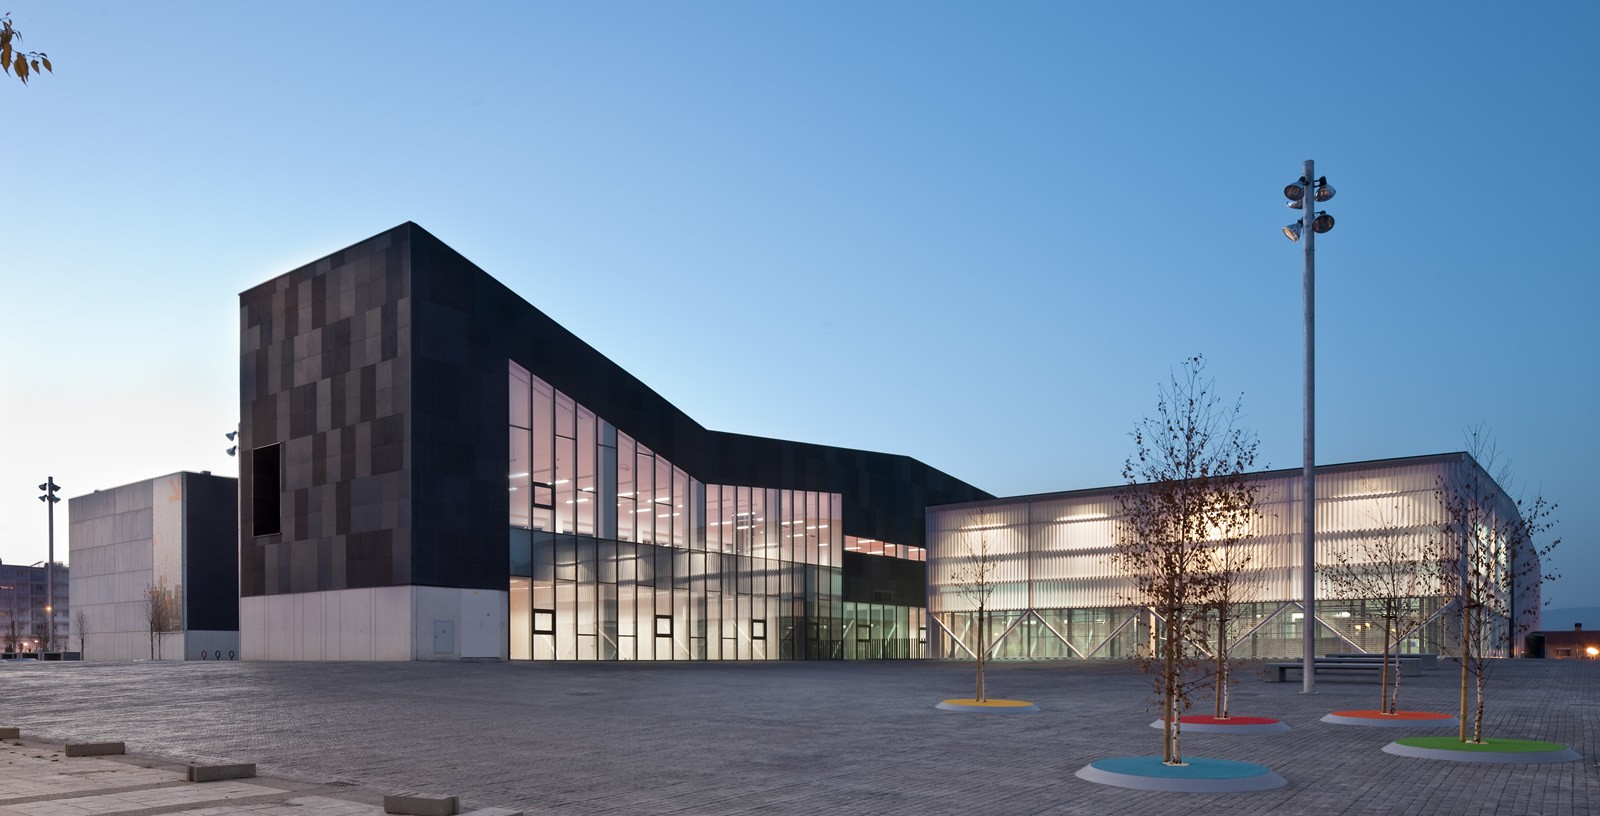 Ibaiondo_Civic_Centre_Architecture_01_IDOM_copyright_Josema_Cutillas